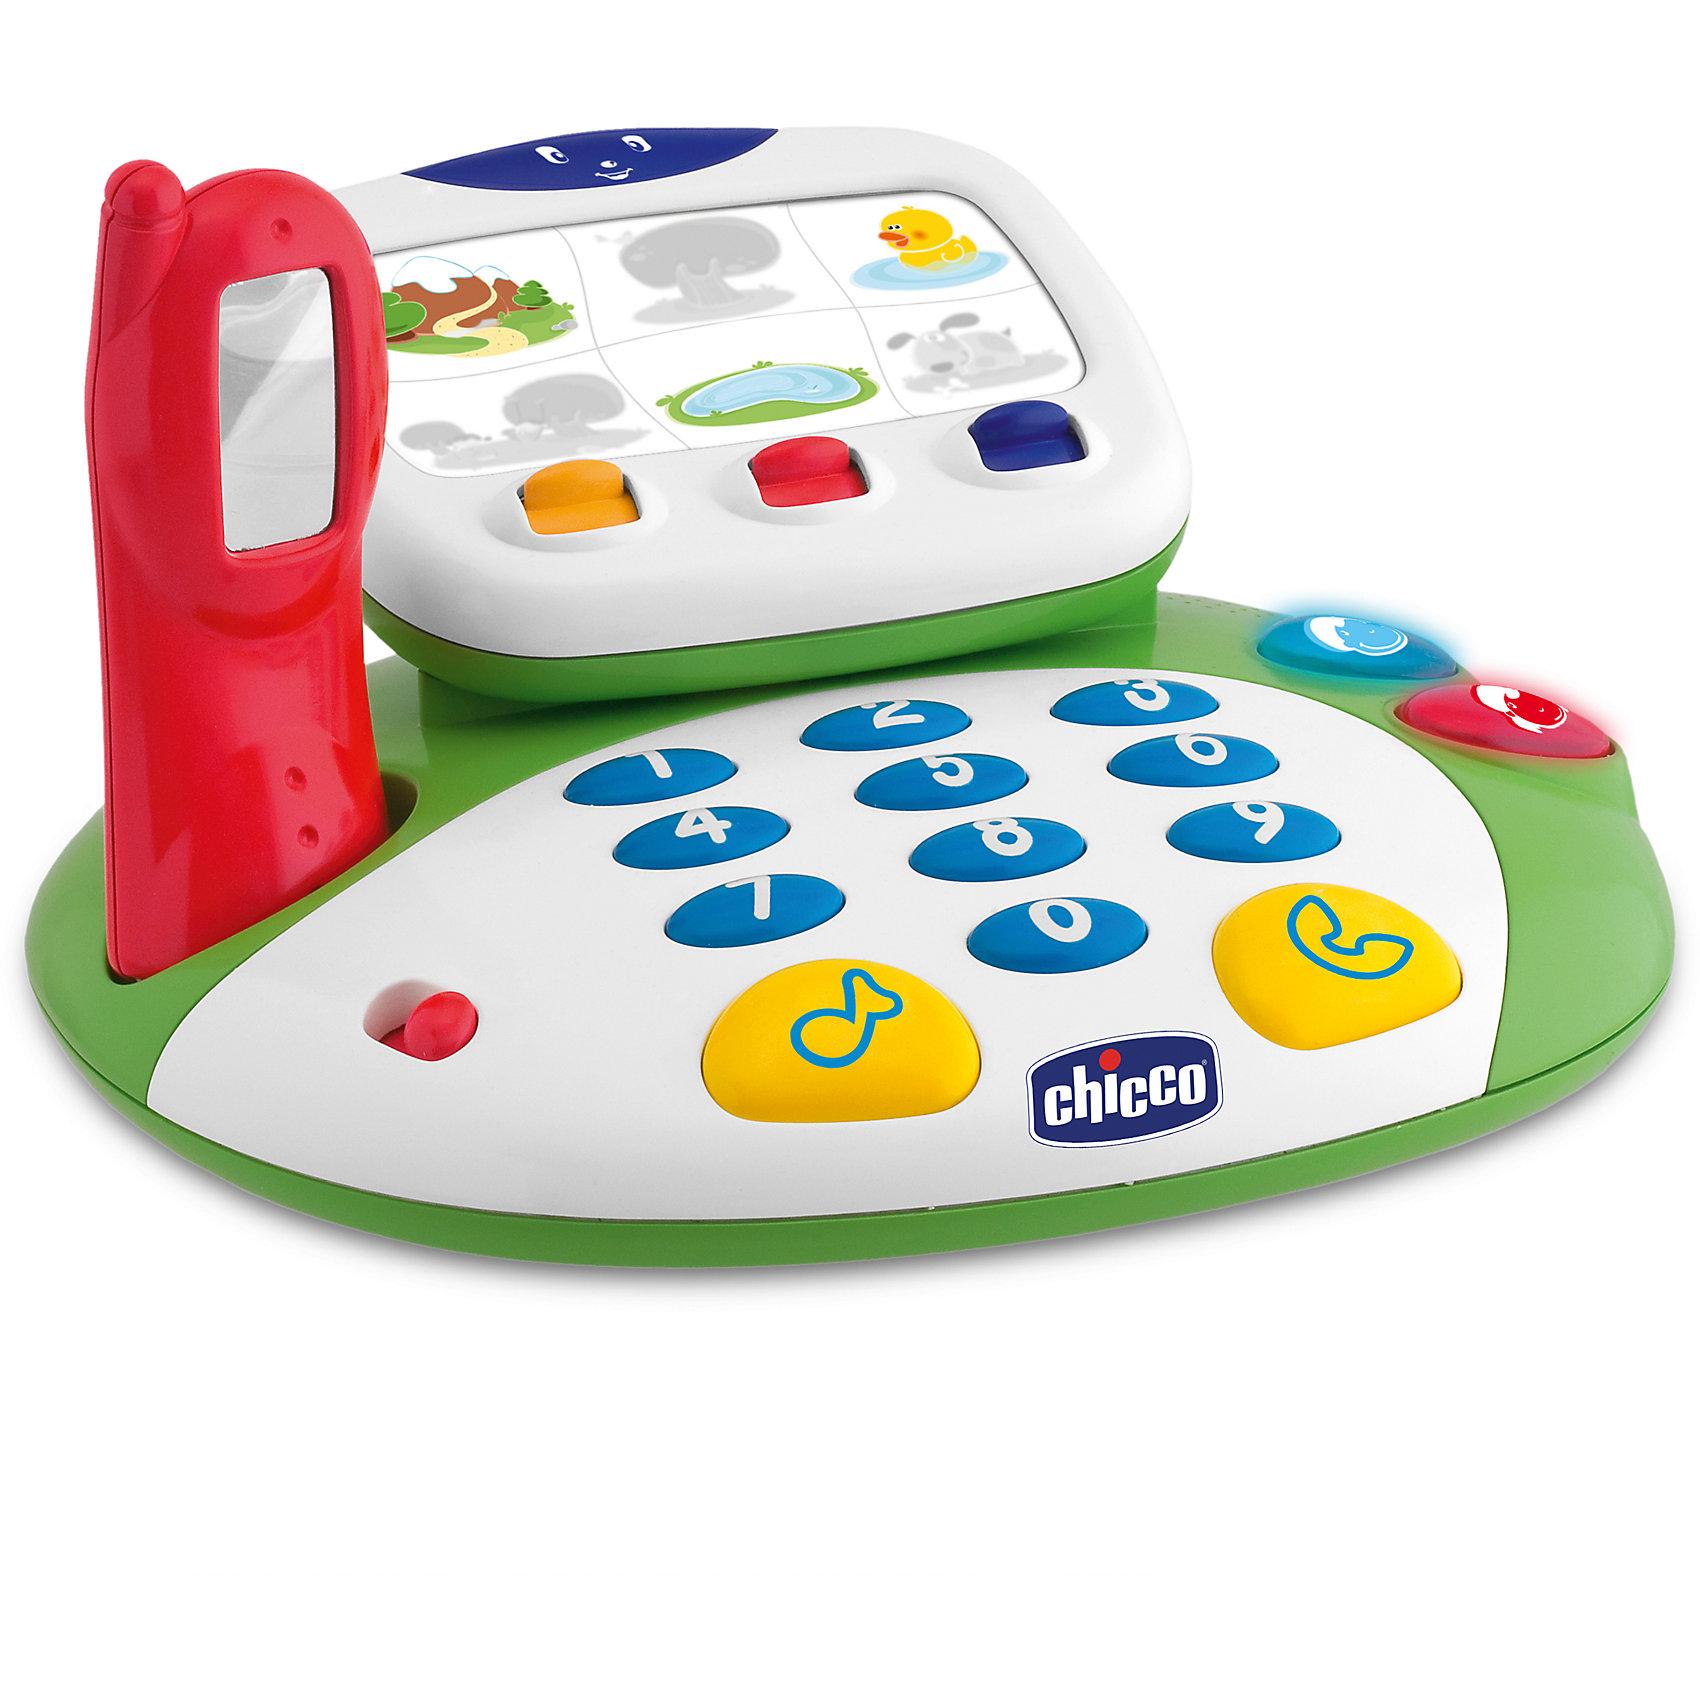 Интерактивная игрушка Говорящий видеотелефон, Рус/Англ, ChiccoИнтерактивная игрушка Говорящий видеотелефон, Рус/Англ, Chicco (Чико) идеально подходит для изучения английского языка и развития русской речи самыми маленькими. Игрушка также содержит 8 различных ситуаций, которые ребенок может выбрать самостоятельно, меняя картинки на экране: сначала малыш слышит название показываемых картинок, а если он нажмет на красную кнопку, то видеотелефон расскажет ему историю. Видеотелефон стимулирует развитие у малыша коммуникативных и тактильных навыков, зрительного, слухового и сенсорного восприятия, а также мелкой моторики, логики, понимания причинно-следственных связей и других базовых навыков.<br><br>Характеристики:<br>-Игрушка работает в двух языковых режимах (русский/английский)<br>-Все картинки подобраны с учетом возрастных особенностей развития психики ребенка: основными героями рассказов являются милые животные<br>-Нажимая на кнопки набора номера, малыш слышит названия цифр 1-10<br>-Если активировать клавишу с изображением ноты, то будет звучать мелодия<br>-Кнопка с трубкой заставит телефон звонить, после чего прозвучит фраза приветствия<br><br>Дополнительная информация:<br>-Материалы: пластик<br>-Питание устройства: 3xAA (входят в комплект)<br>-Размеры: 27x15,5x25 см<br>-Вес: 900 г<br>-Длина трубки: 13 см<br><br>Эта великолепная игрушка поможет вашему ребенку выучить цифры, развить мелкую моторику, выполнить упражнения для развития логики и памяти, а также будет стимулировать его к языковому общению.<br><br>Интерактивная игрушка Говорящий видеотелефон, Рус/Англ, Chicco (Чико) можно купить в нашем магазине.<br><br>Ширина мм: 290<br>Глубина мм: 270<br>Высота мм: 215<br>Вес г: 1310<br>Возраст от месяцев: 18<br>Возраст до месяцев: 36<br>Пол: Унисекс<br>Возраст: Детский<br>SKU: 4123465